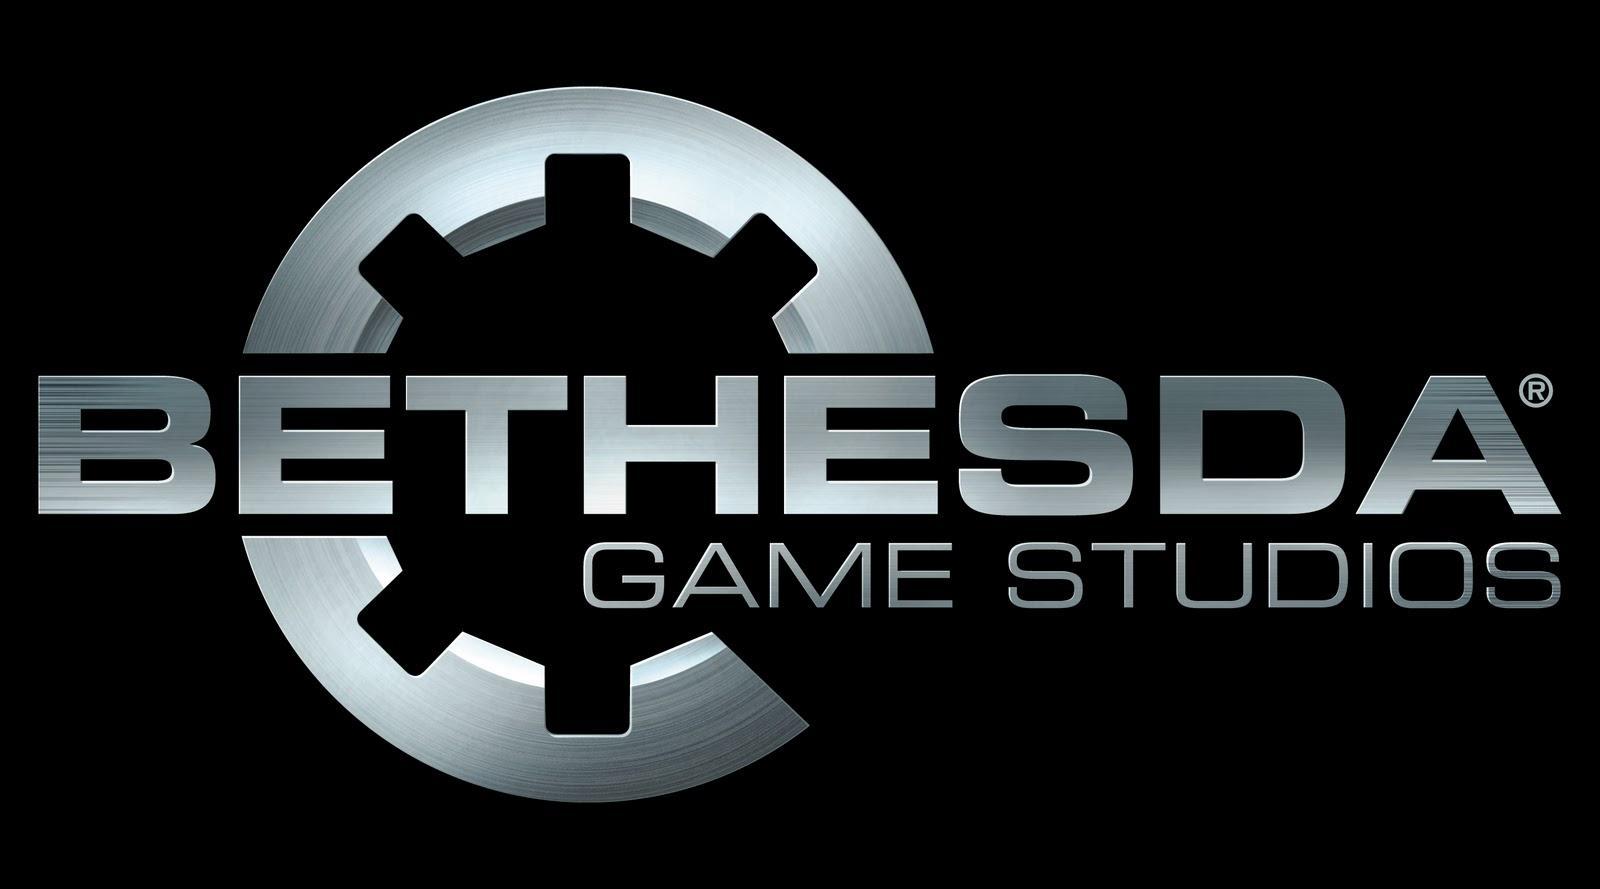 NVIDIA удалила большинство игр Bethesda из своего облачного игрового сервиса GeForce Now